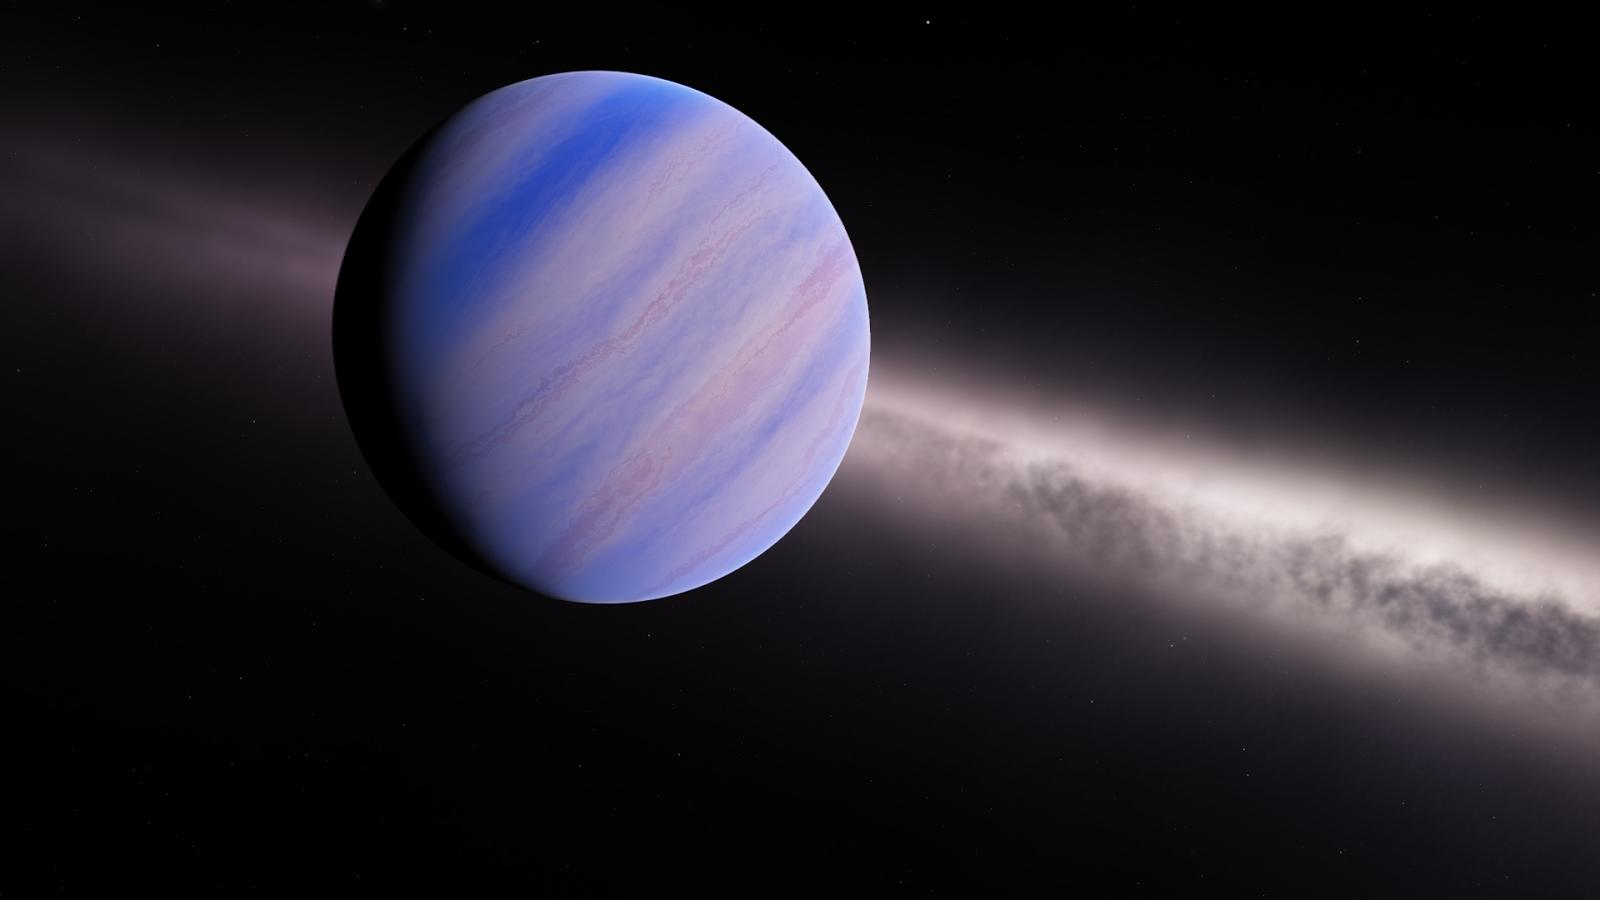 Beyond Earthly Skies Gas Giant Planets In Orbital Resonance